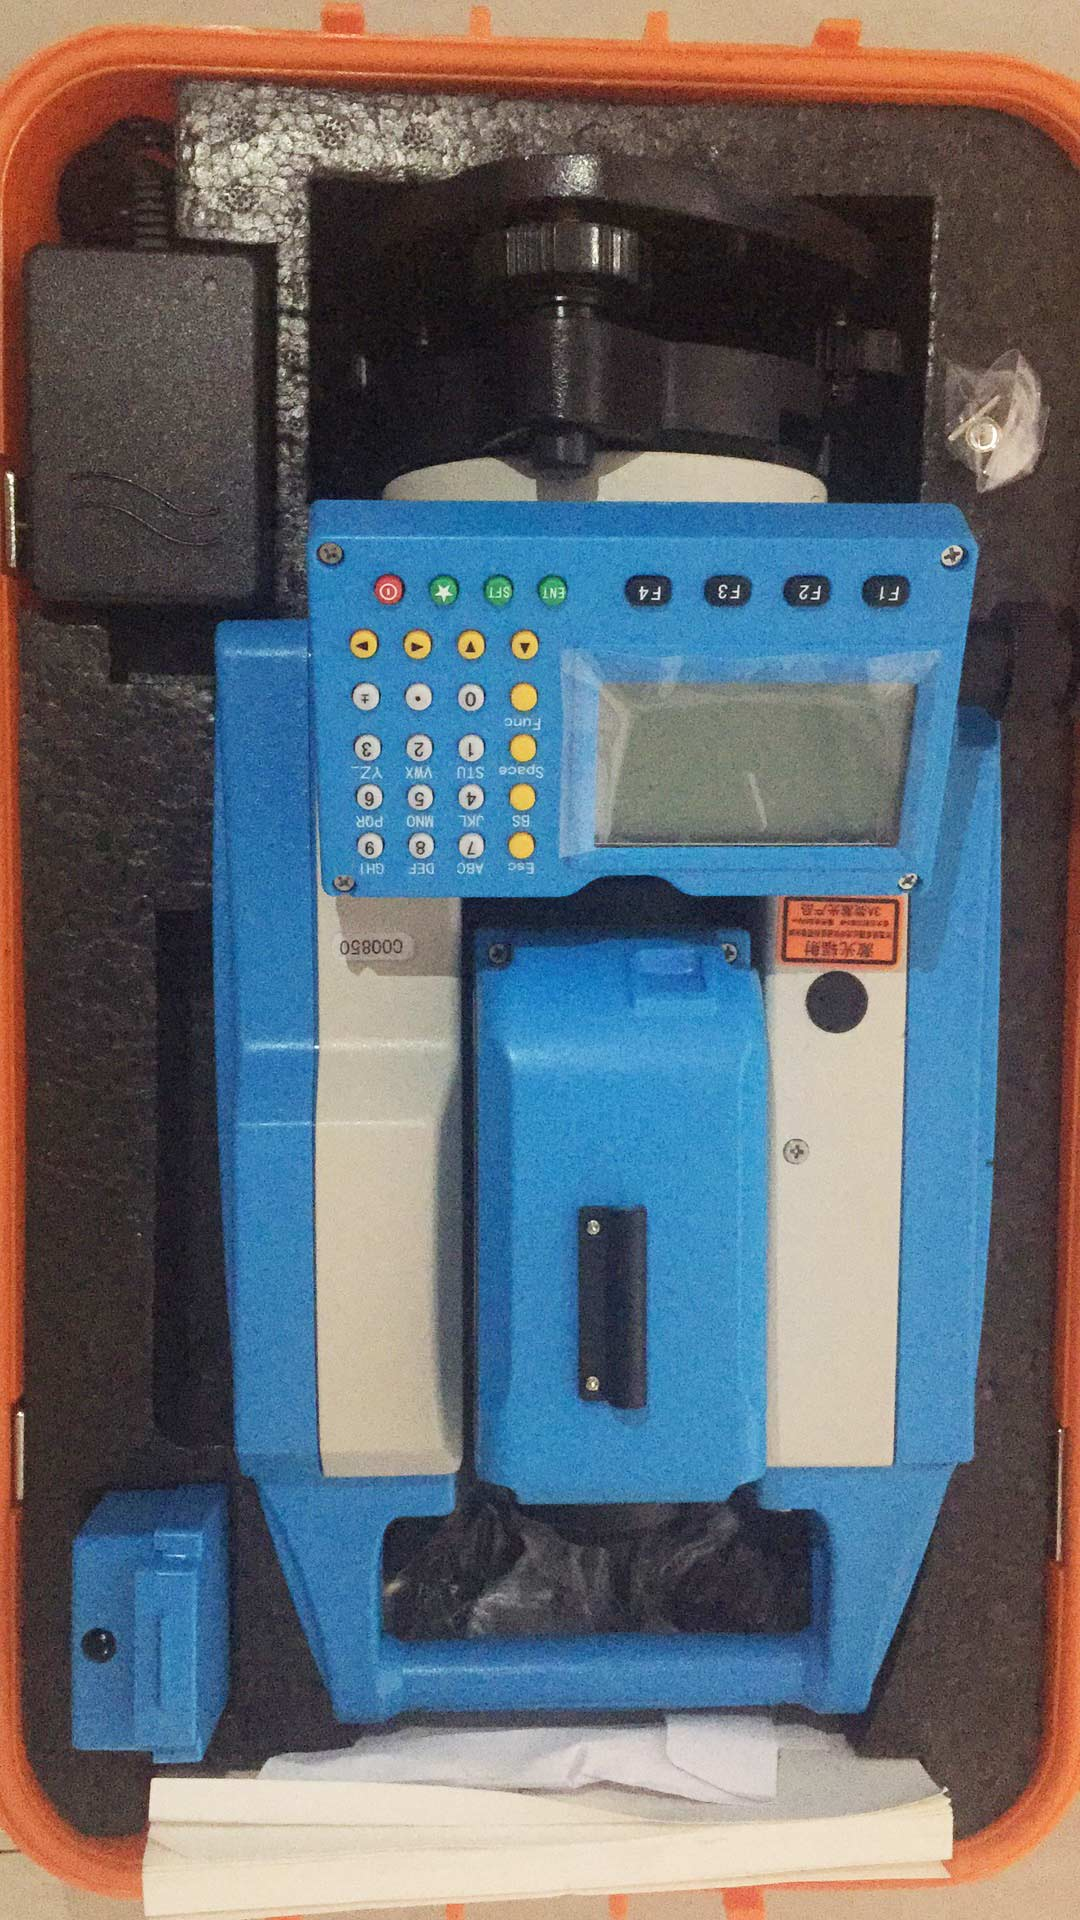 房屋安全鉴定仪器全站仪